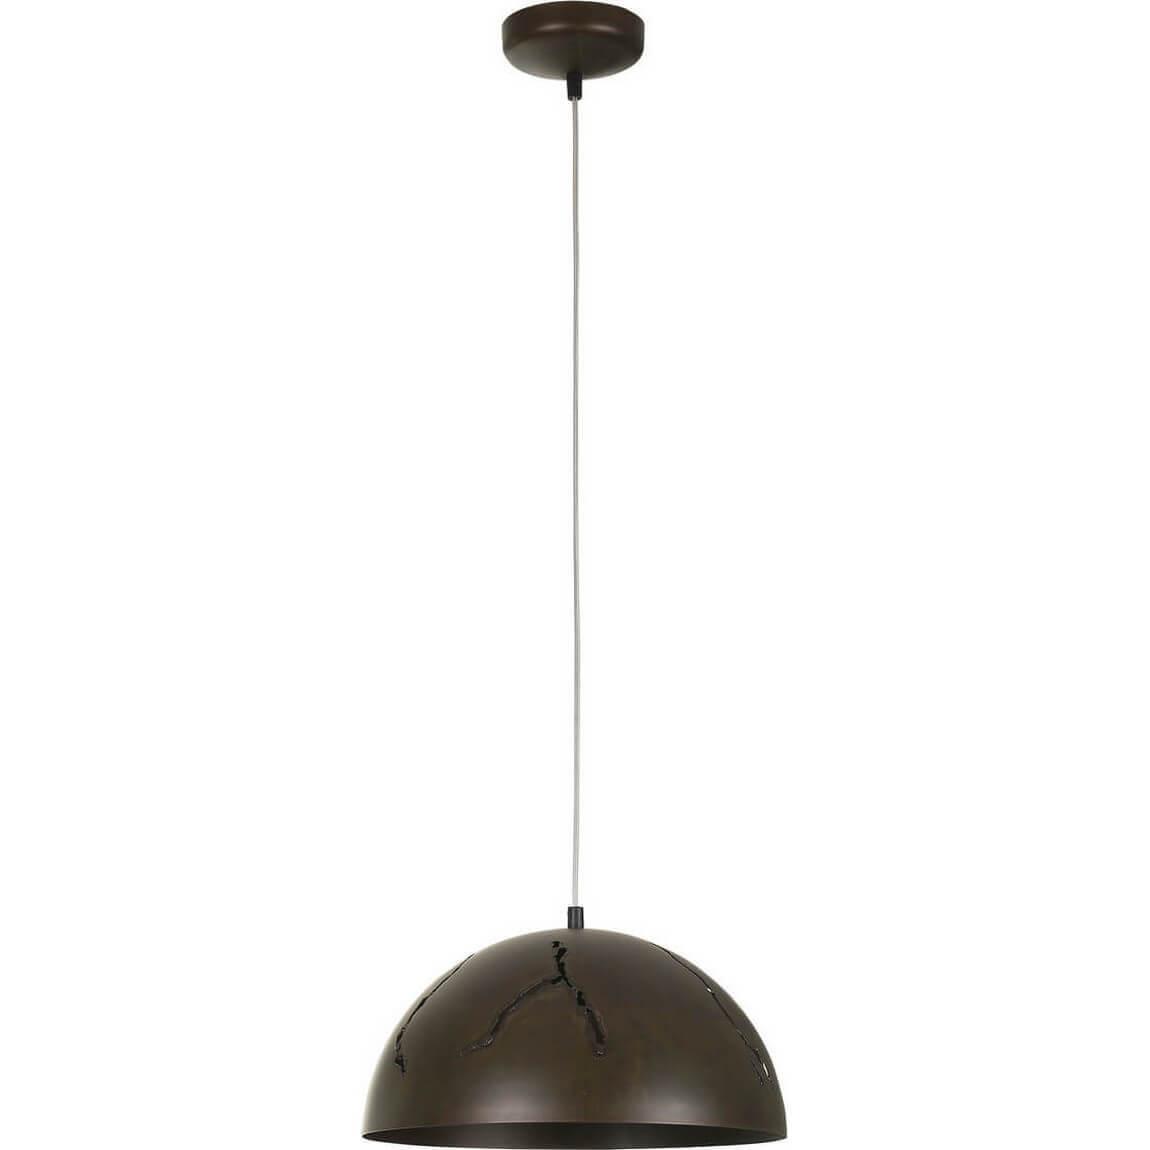 Подвесной светильник Nowodvorski Hemisphere Cracks 6370 подвесной светильник nowodvorski hemisphere cracks 6371